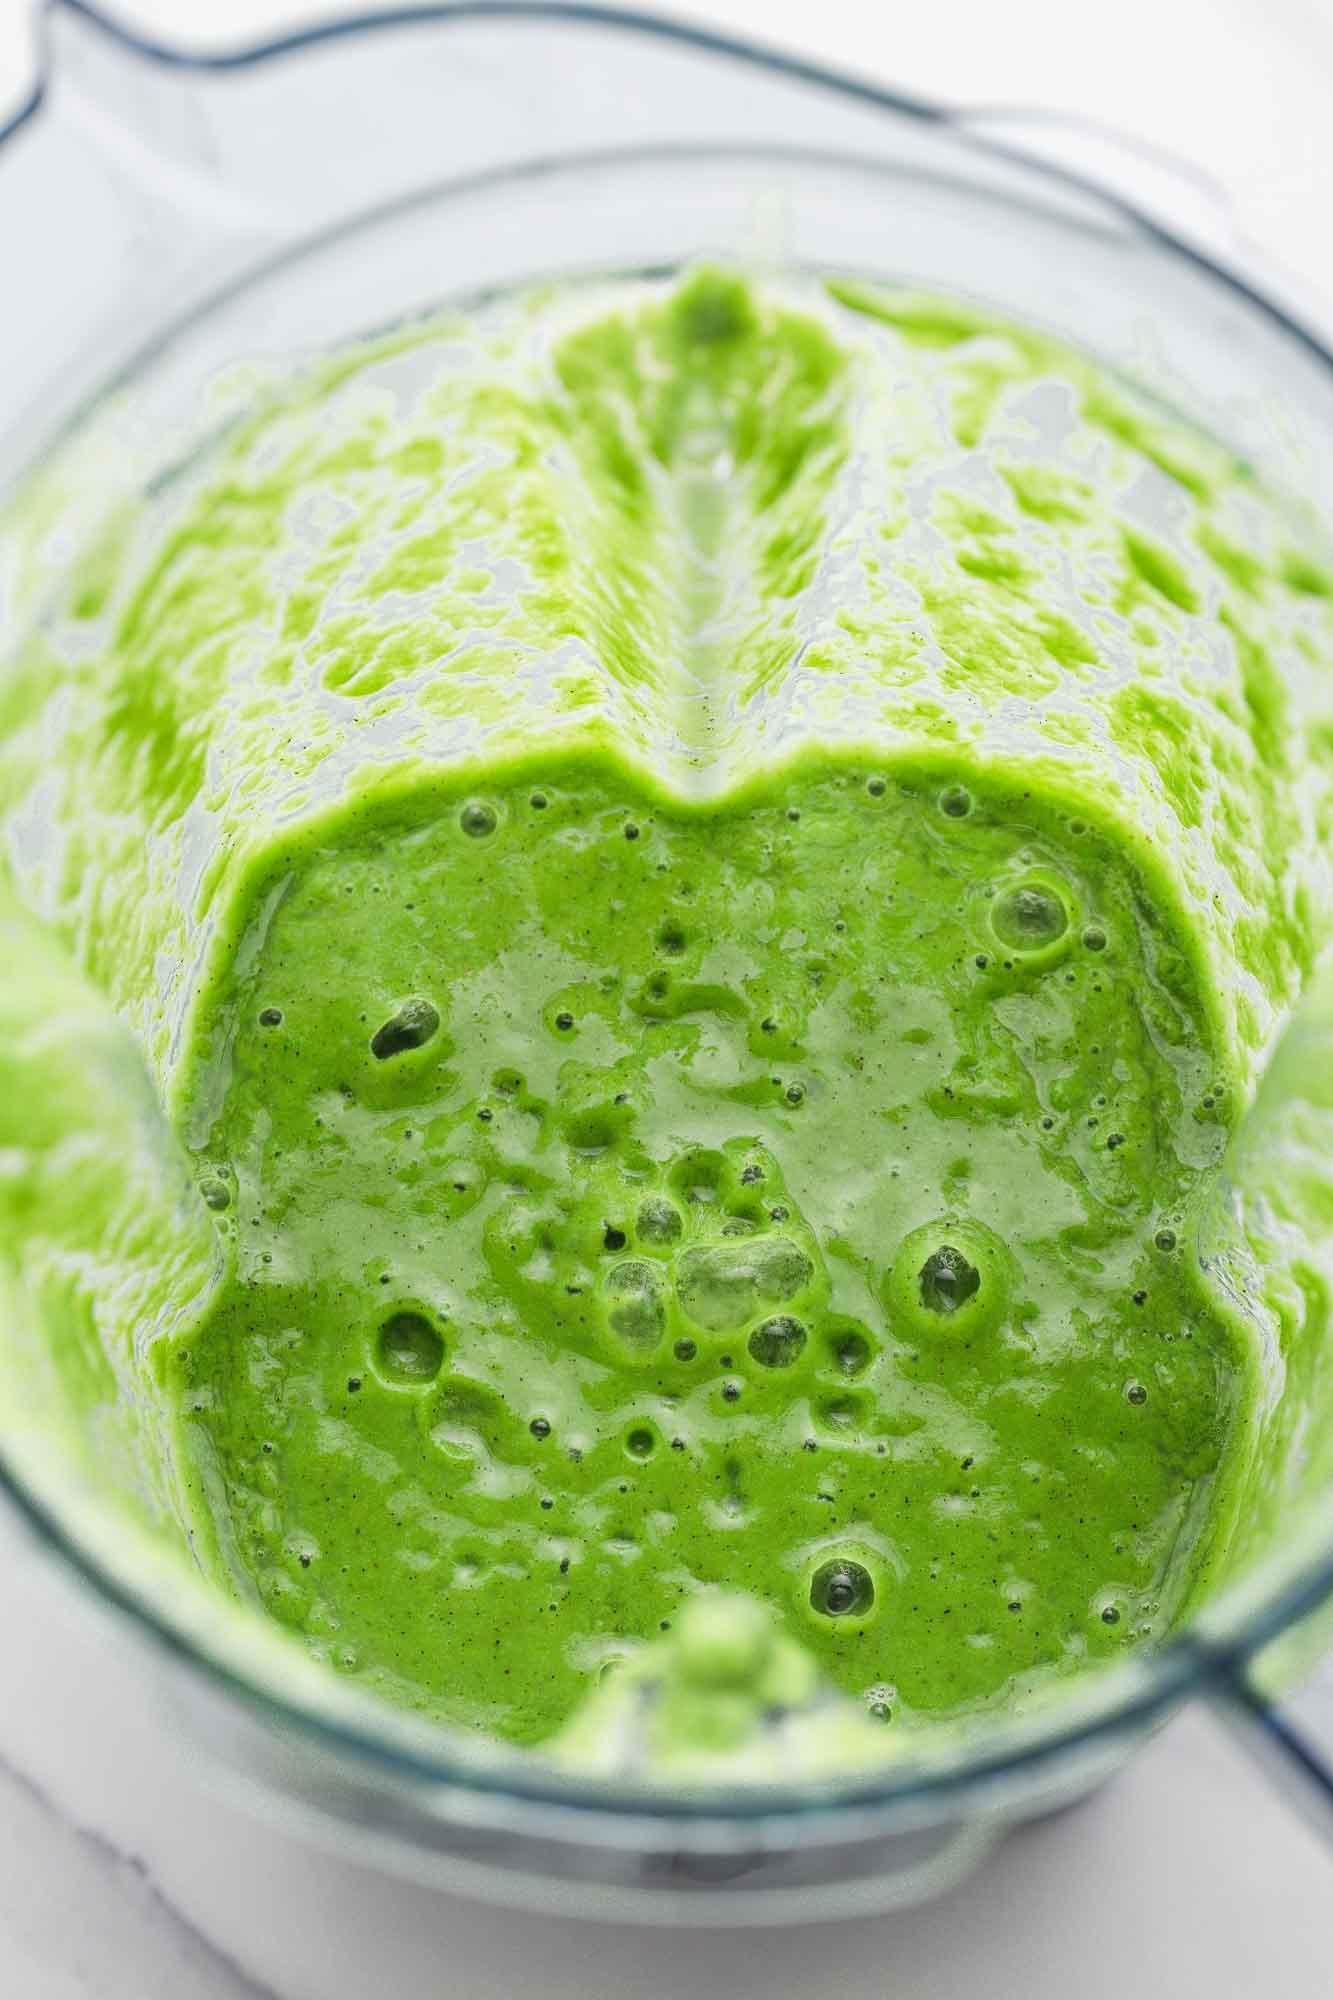 Blender jug filled with green smoothie